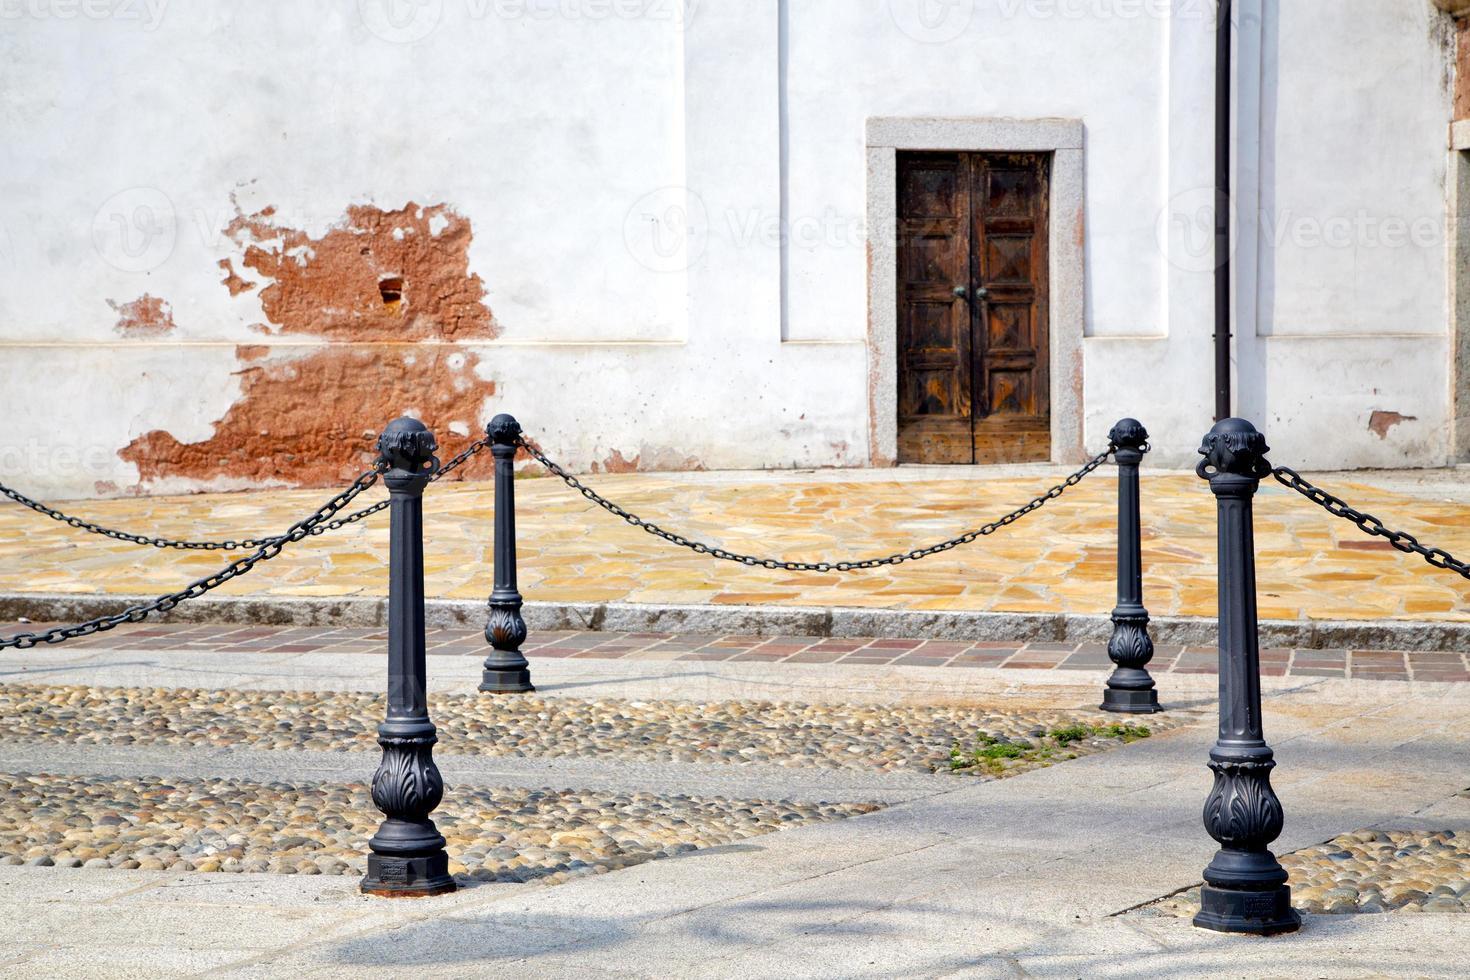 rue santo antonino lombardie italie varese résumé photo